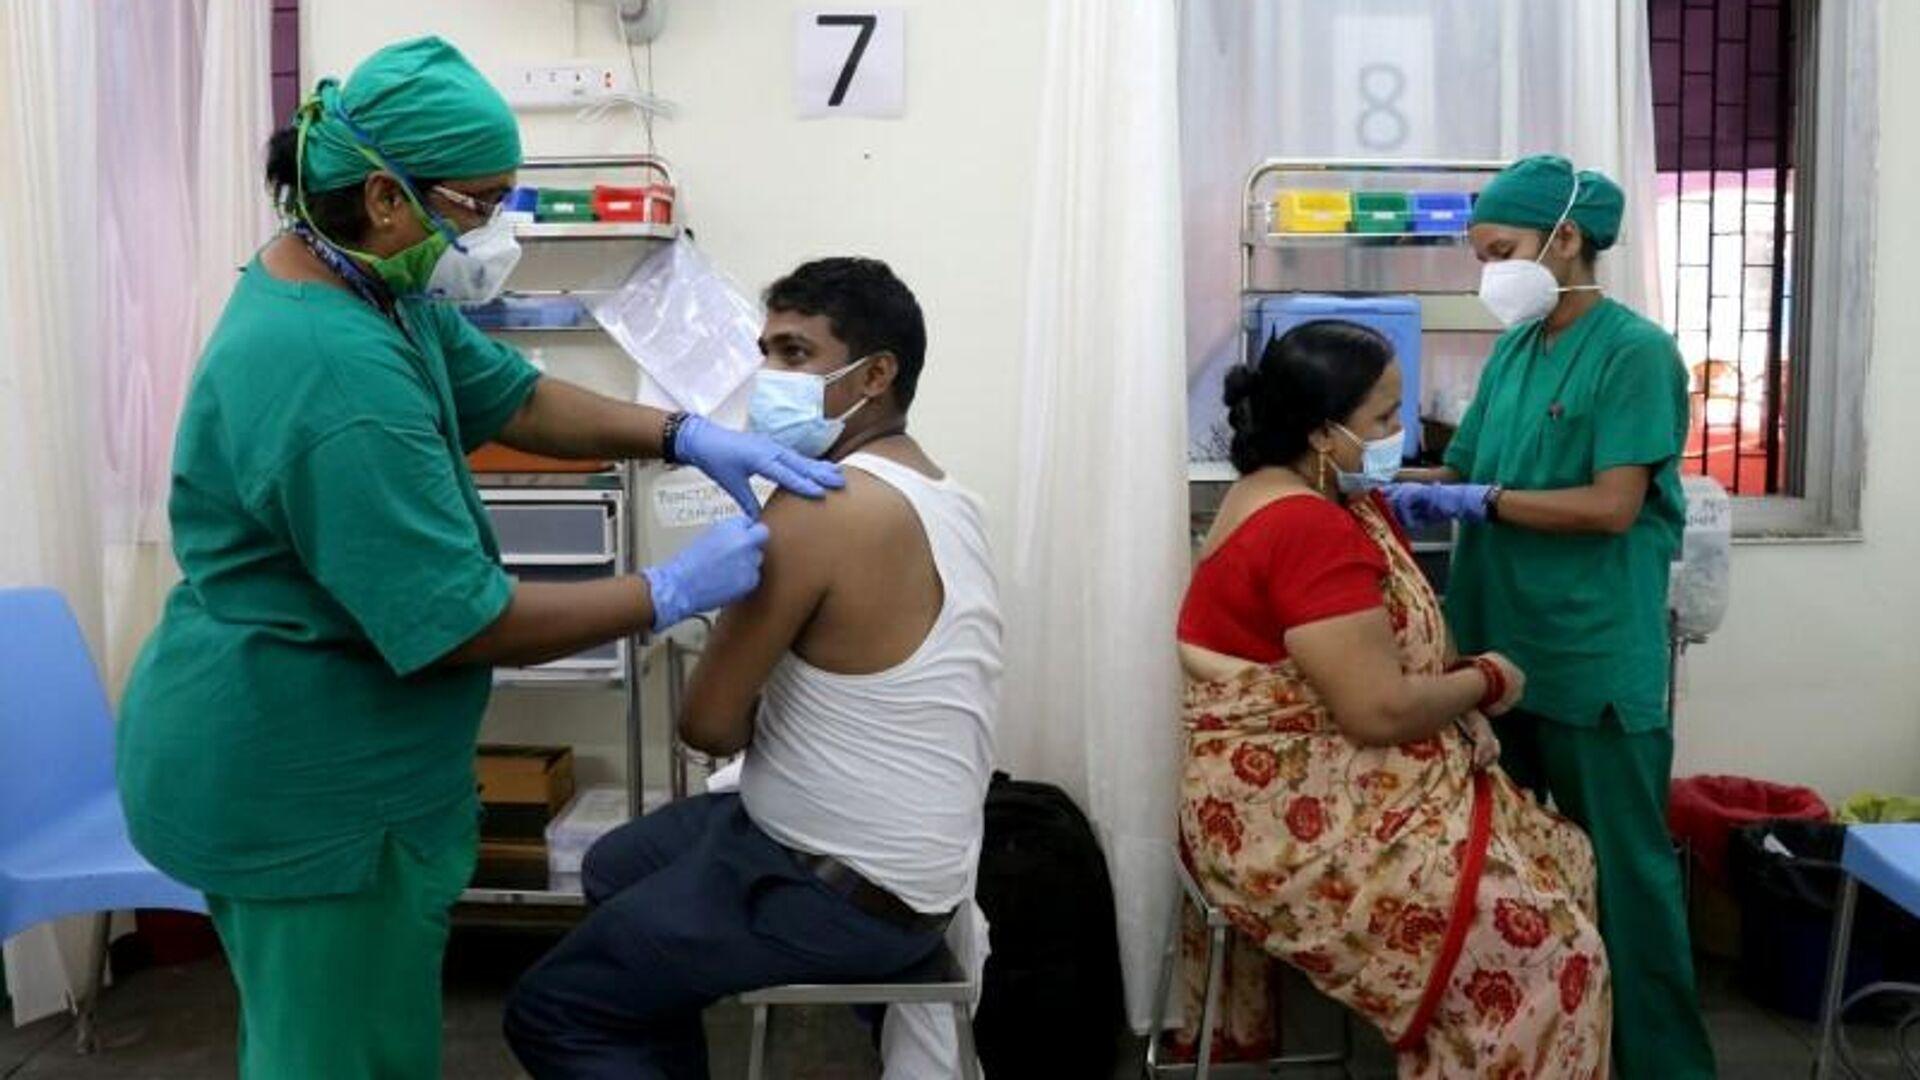 Vacunación en la India - Sputnik Mundo, 1920, 23.06.2021